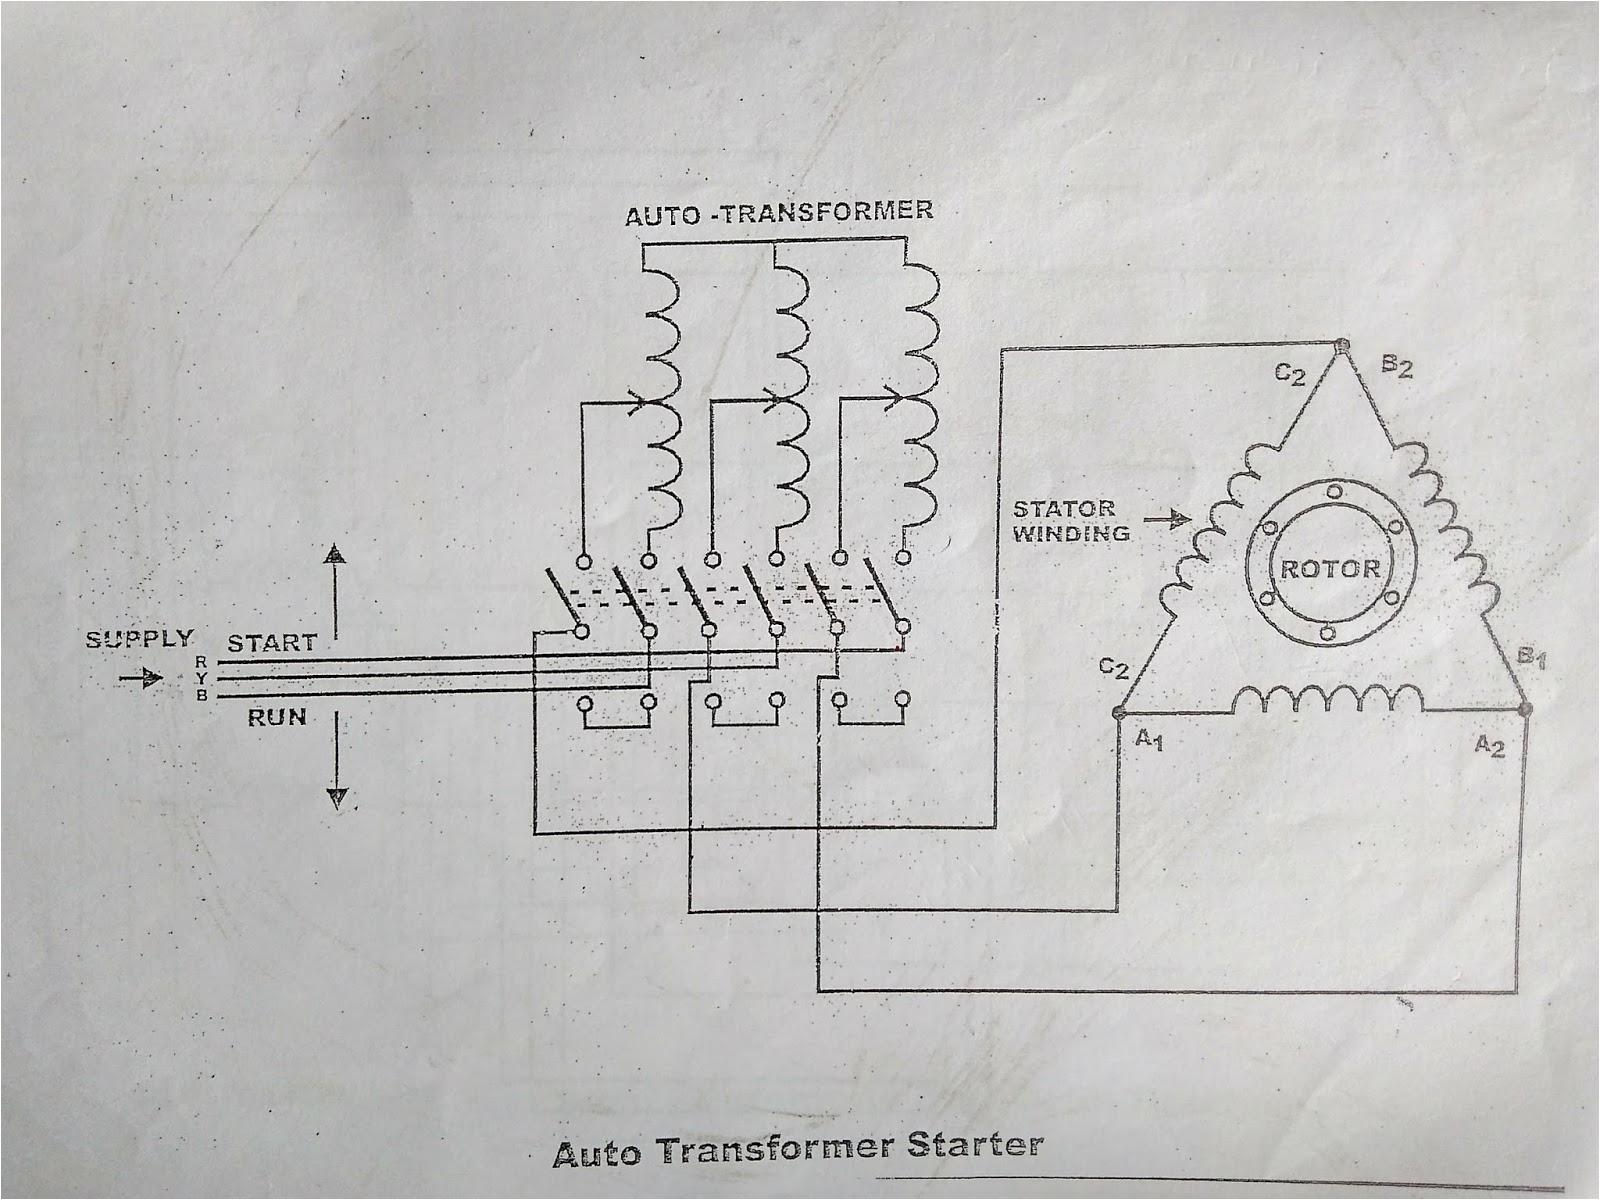 auto 2btransformer 2bcontrol 2bdiagram 2bexplanation jpg